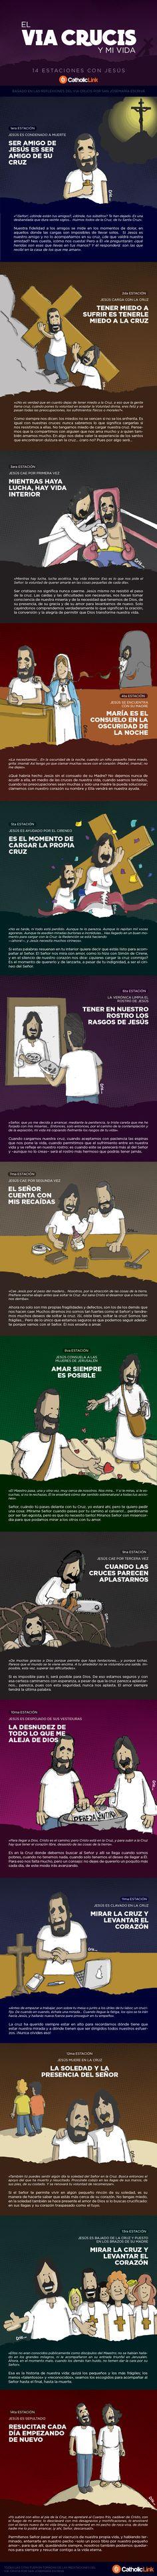 Infografia Vía Crucis